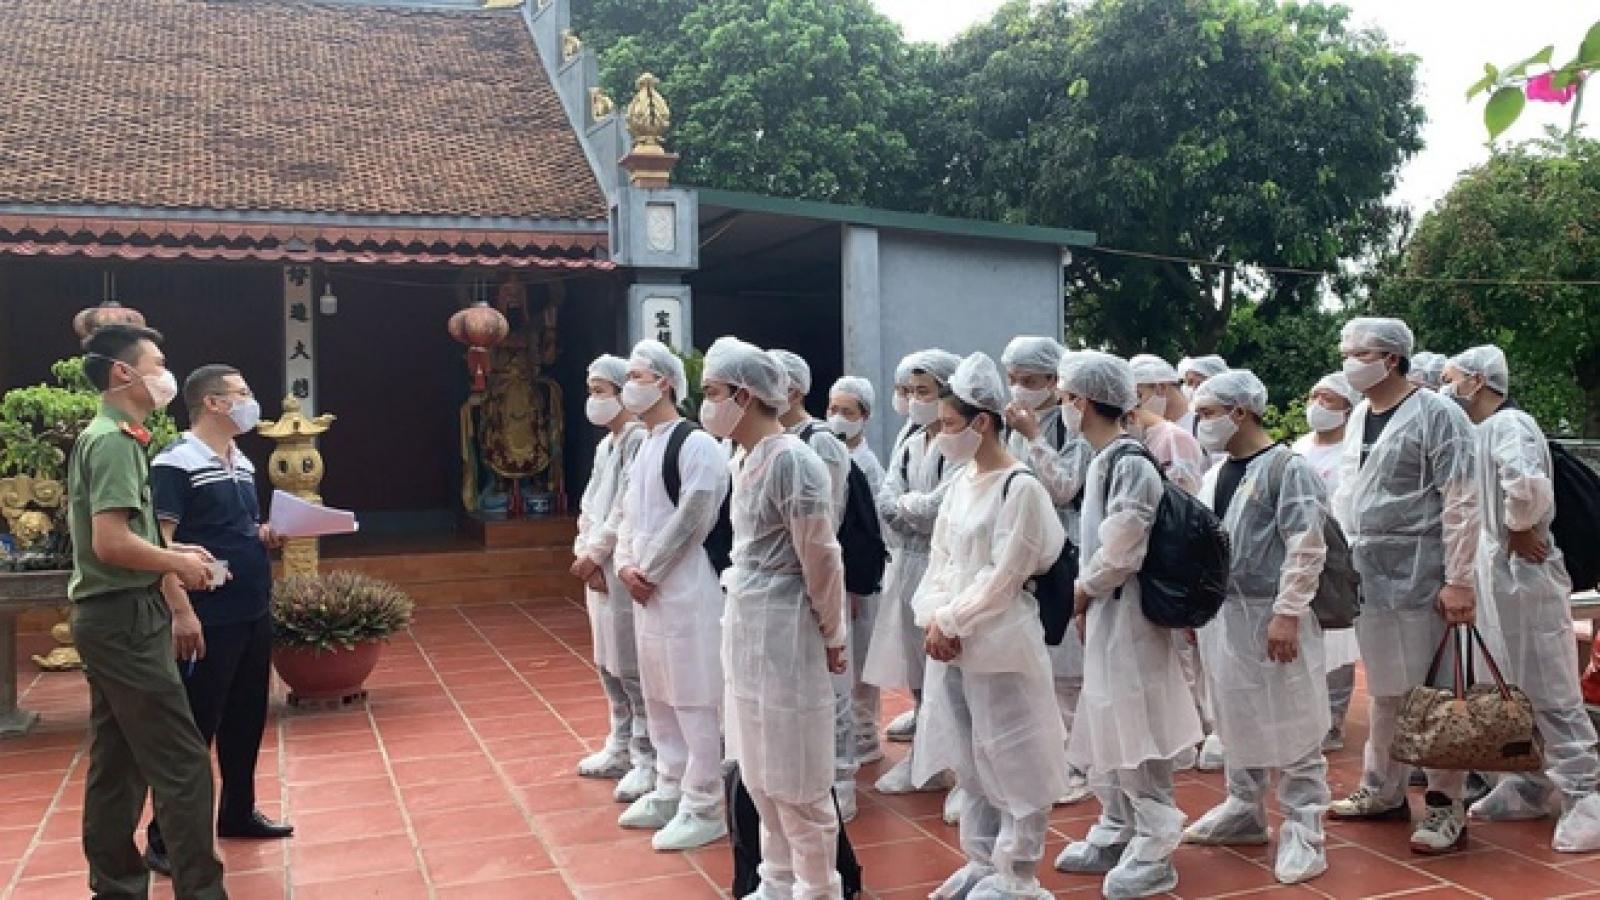 Phát hiện 20 người Trung Quốc nhập cảnh, lưu trú trái phép tại Hưng Yên